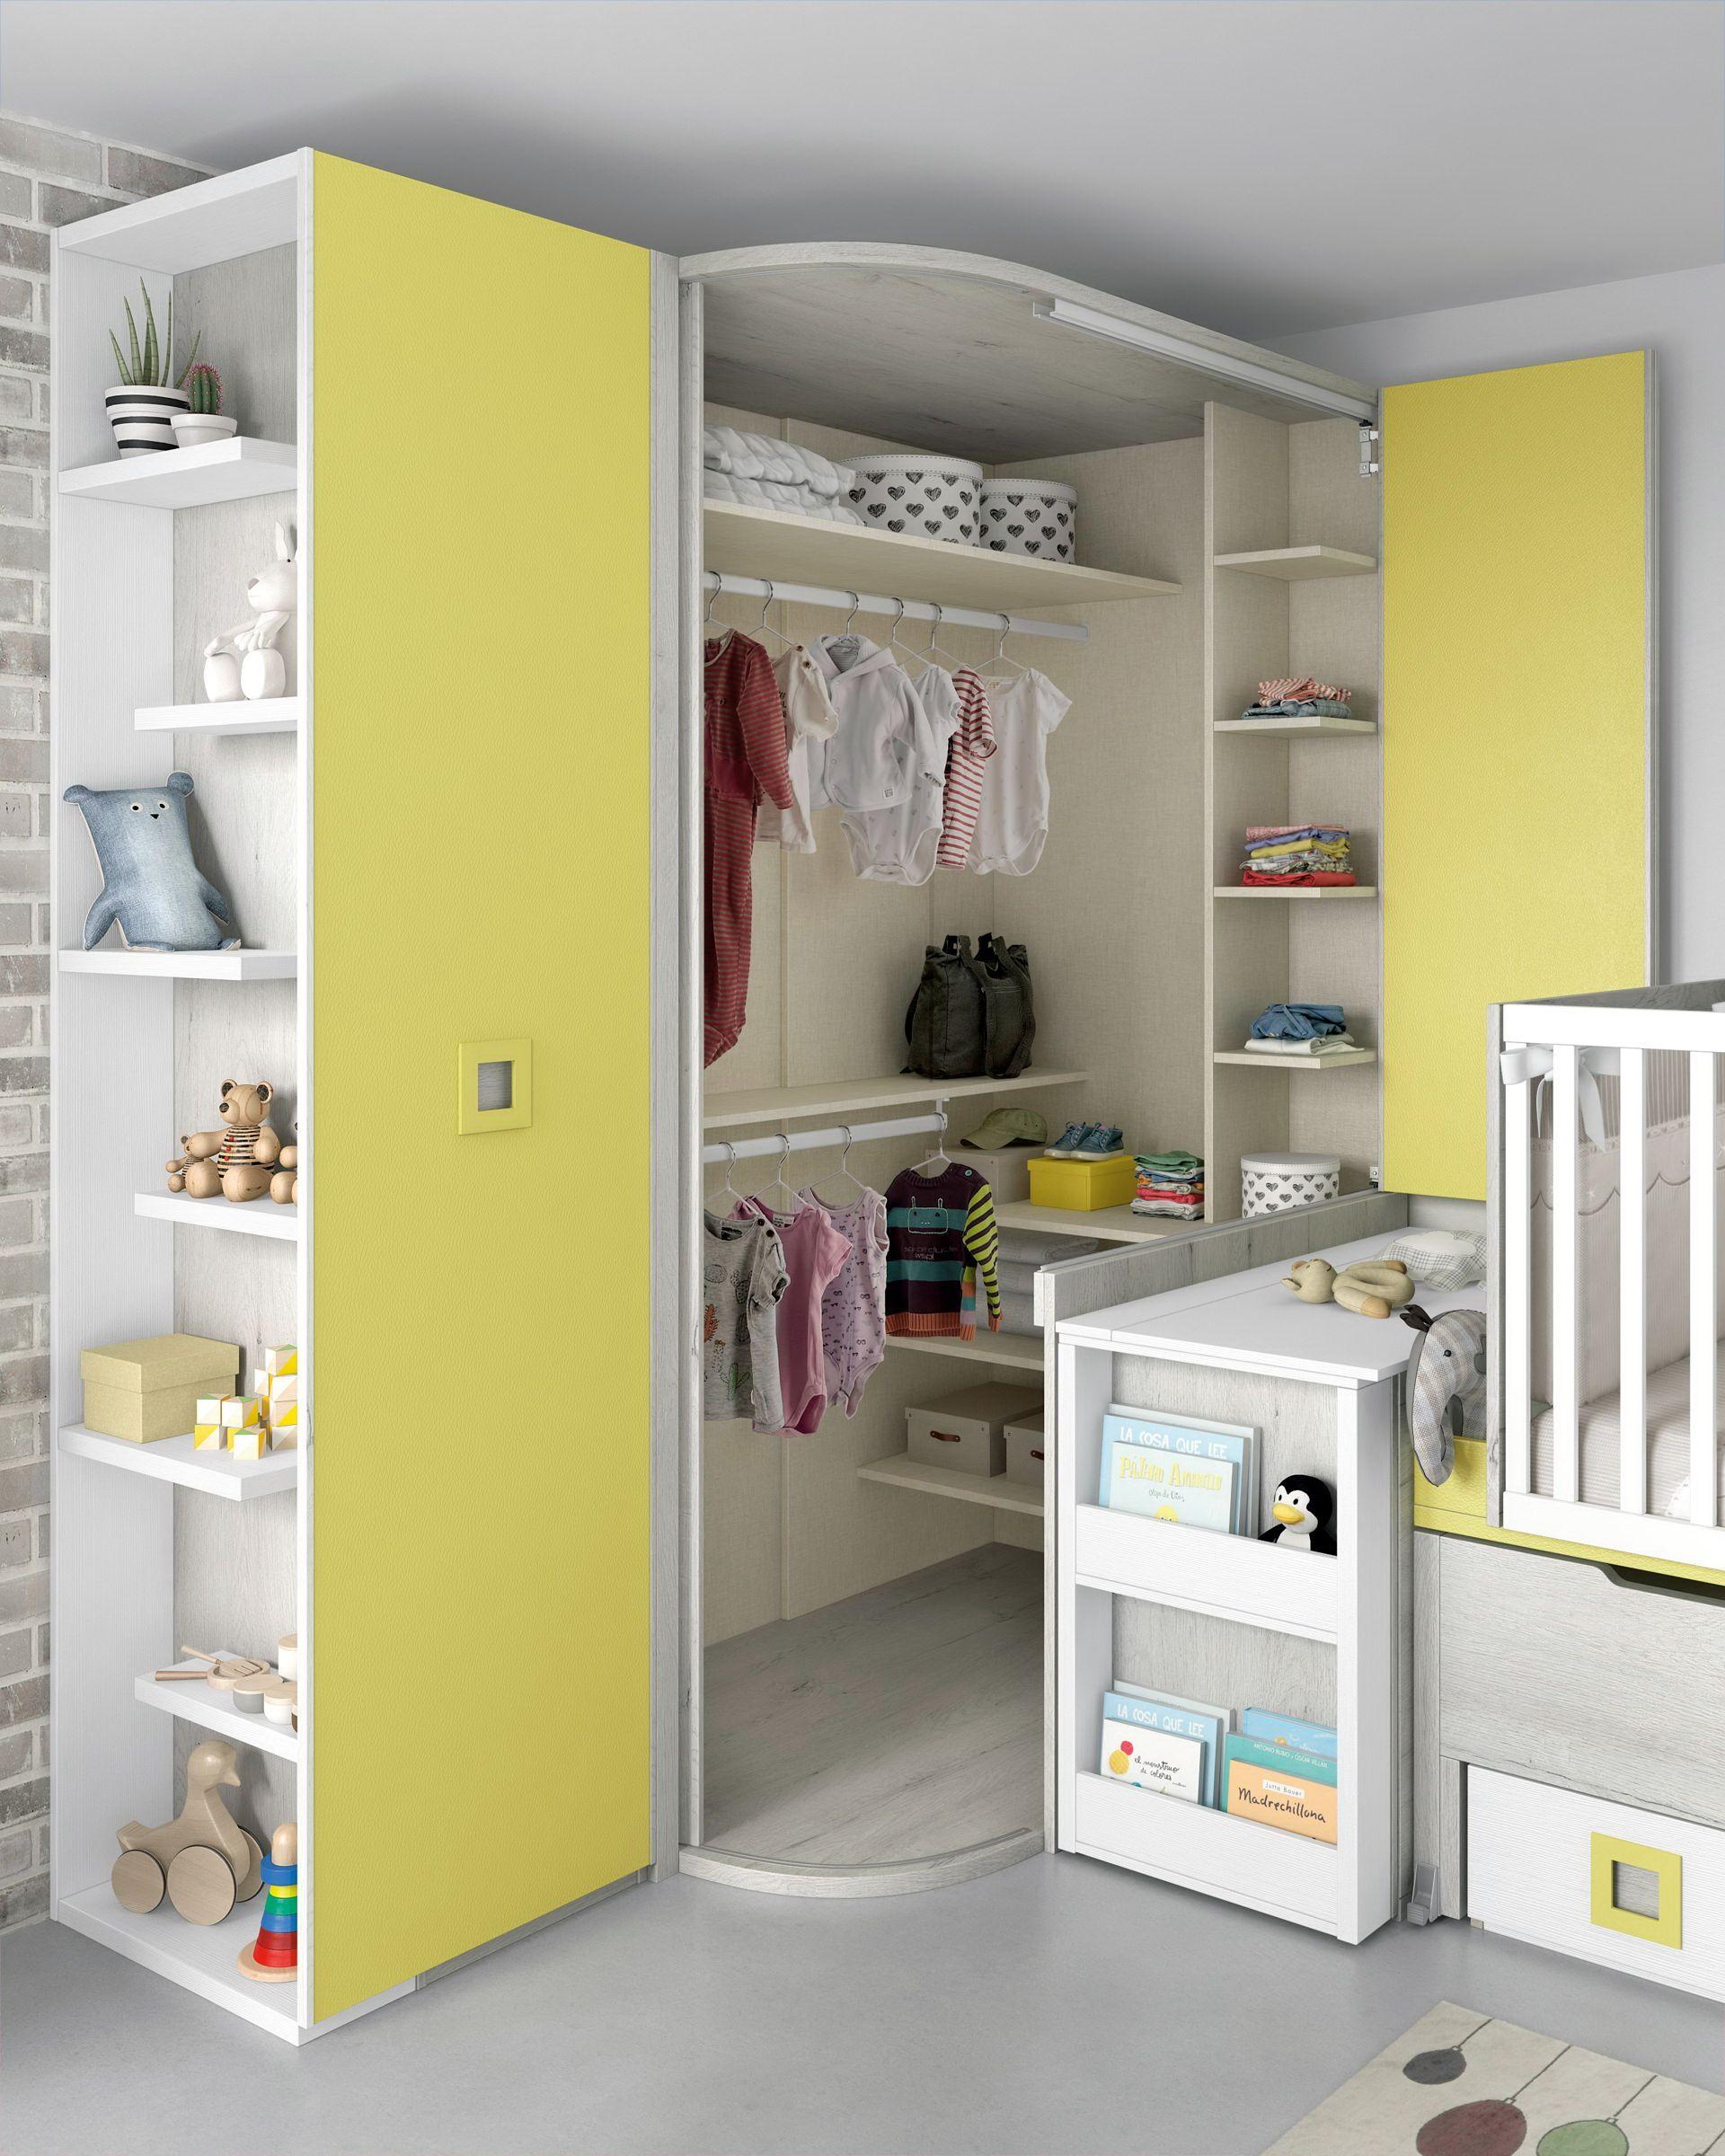 Armario Composicion Cuna Convertible Catalogo Style De Habitaciones Infantiles Habitaciones Infantiles Muebles Para Tienda Diseno De Interior Para Apartamento